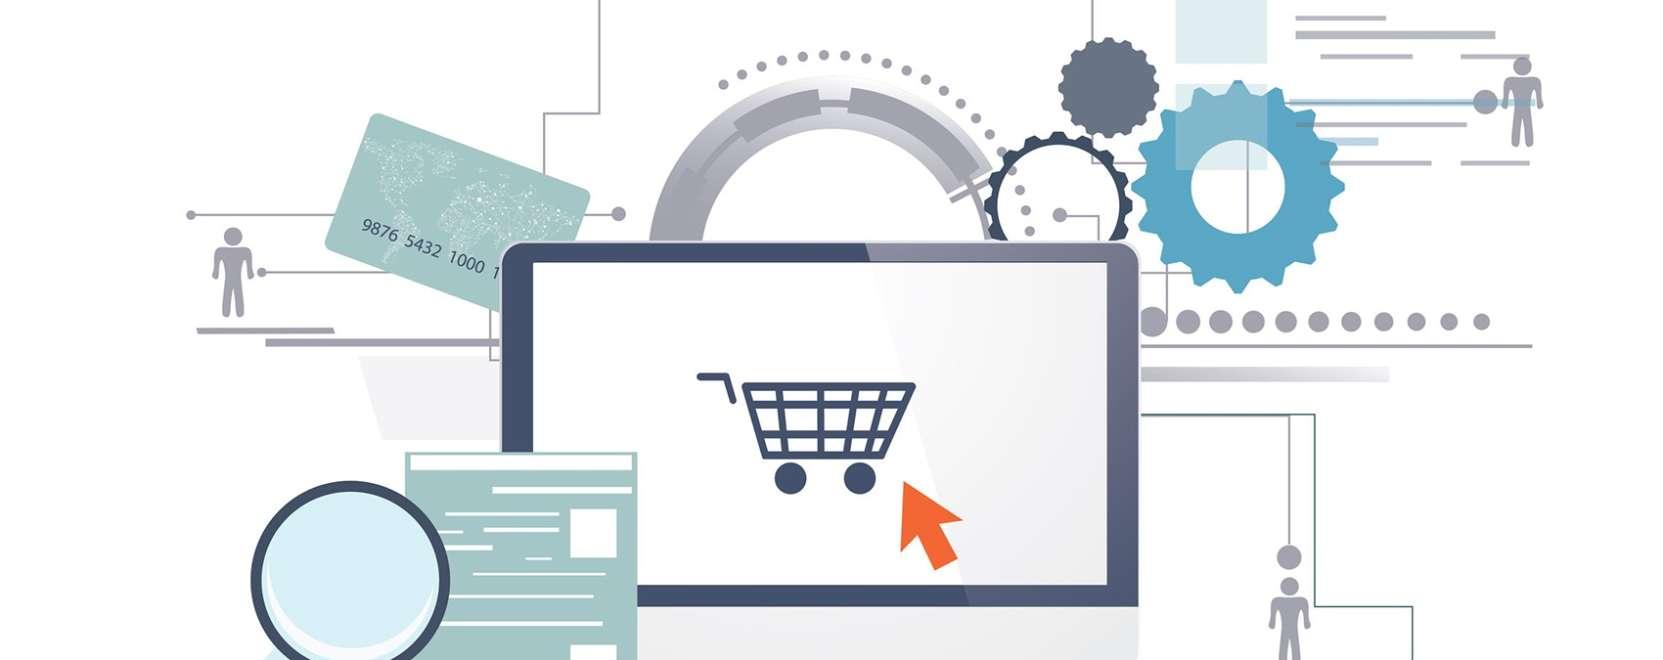 kereskedelem technológiai trendjei befektetés nélkül az interneten